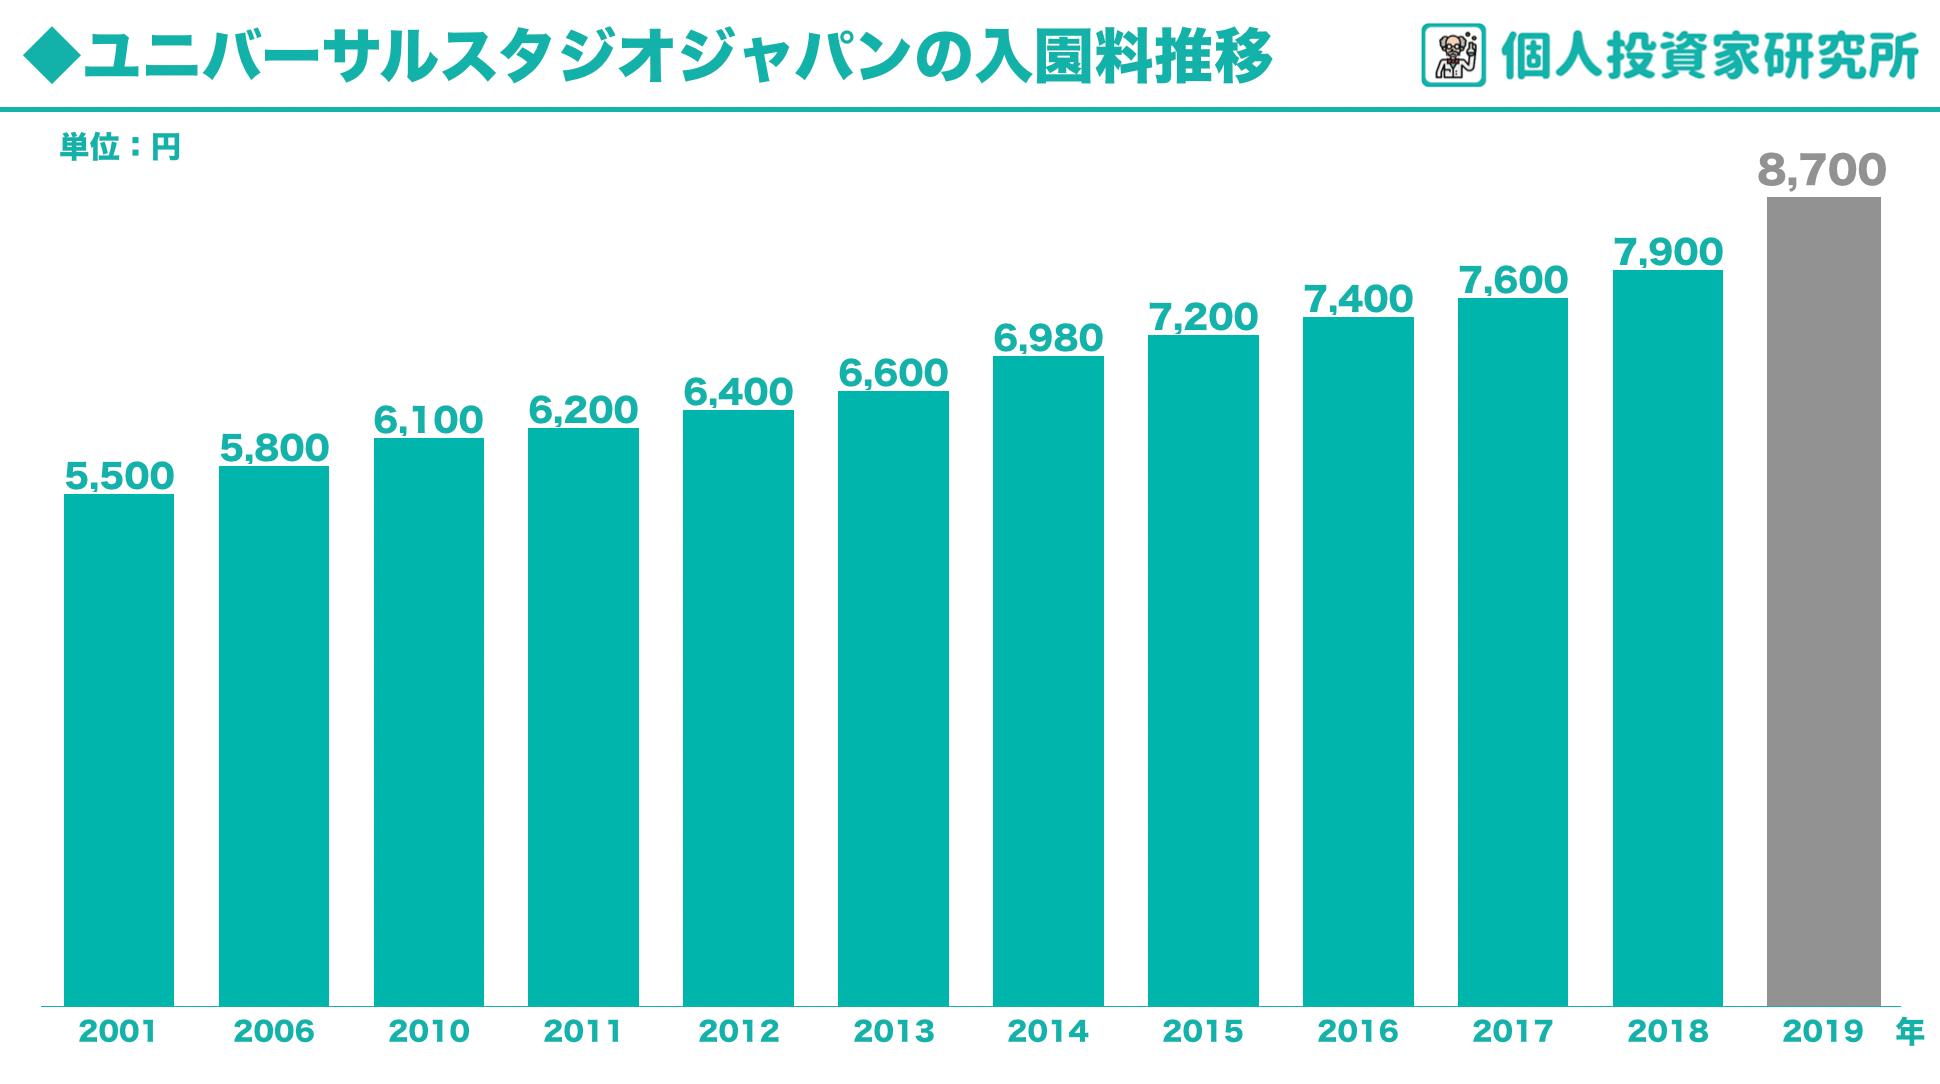 【グラフ】ディズニーランドとUSJの入園料・入場料の推移を調べてみました(値上げの歴史)2